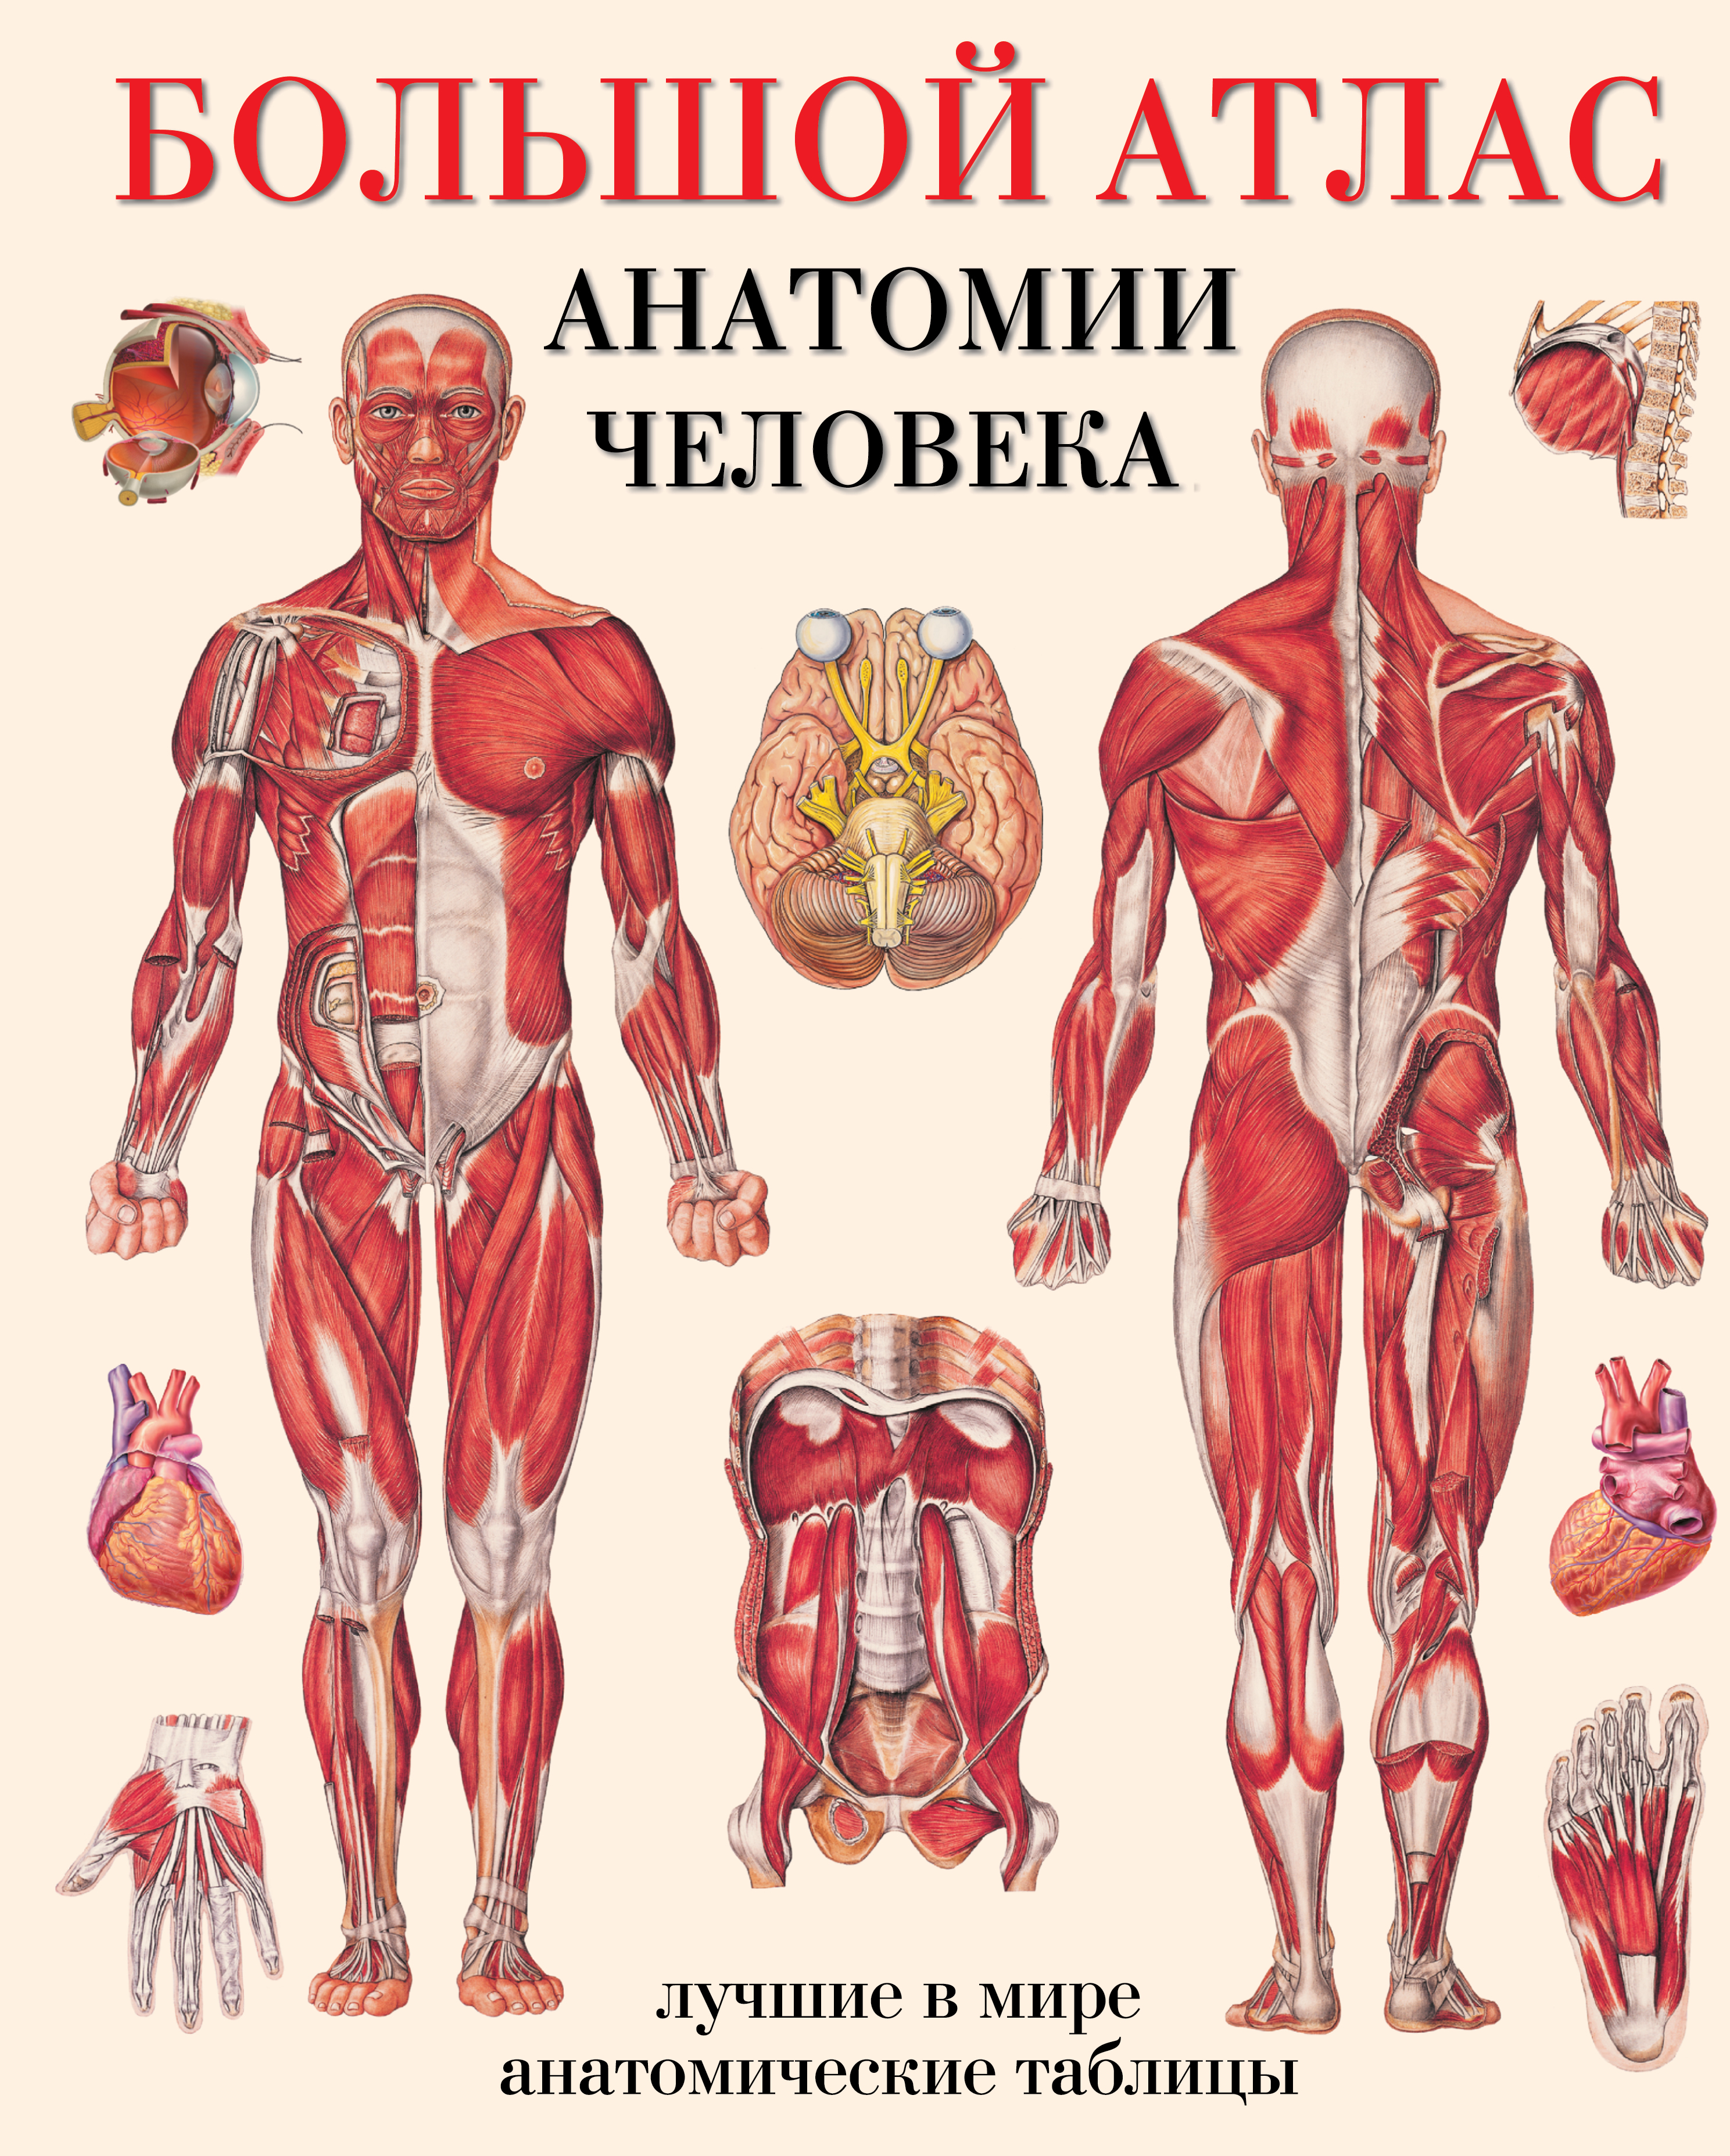 Анатомия человека с картинками и надписями, днем рождения